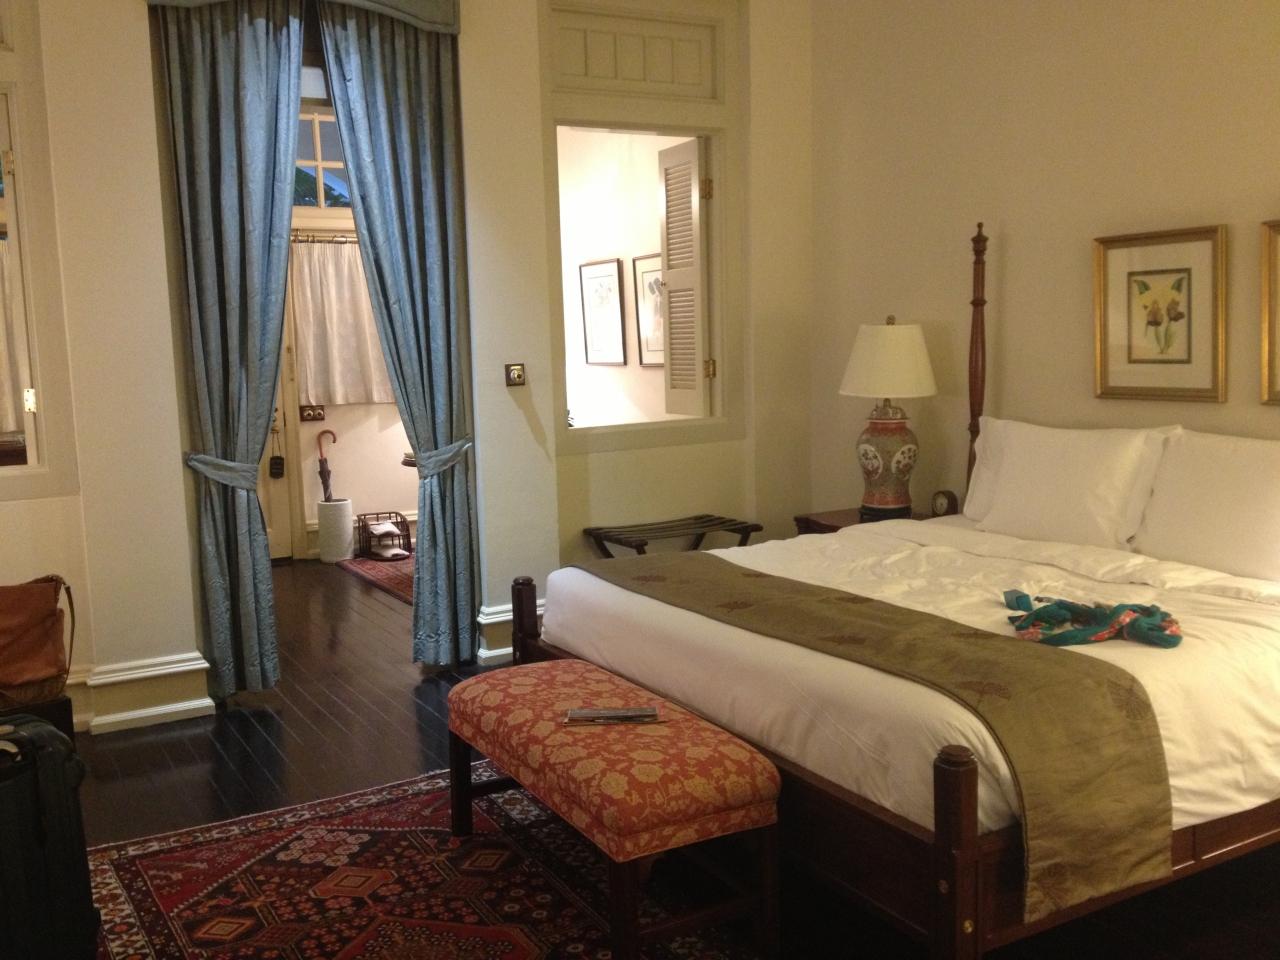 ラッフルズ ホテル シンガポール Raffles Singapore の格安予約・クチコミ・評判 フォートラベル